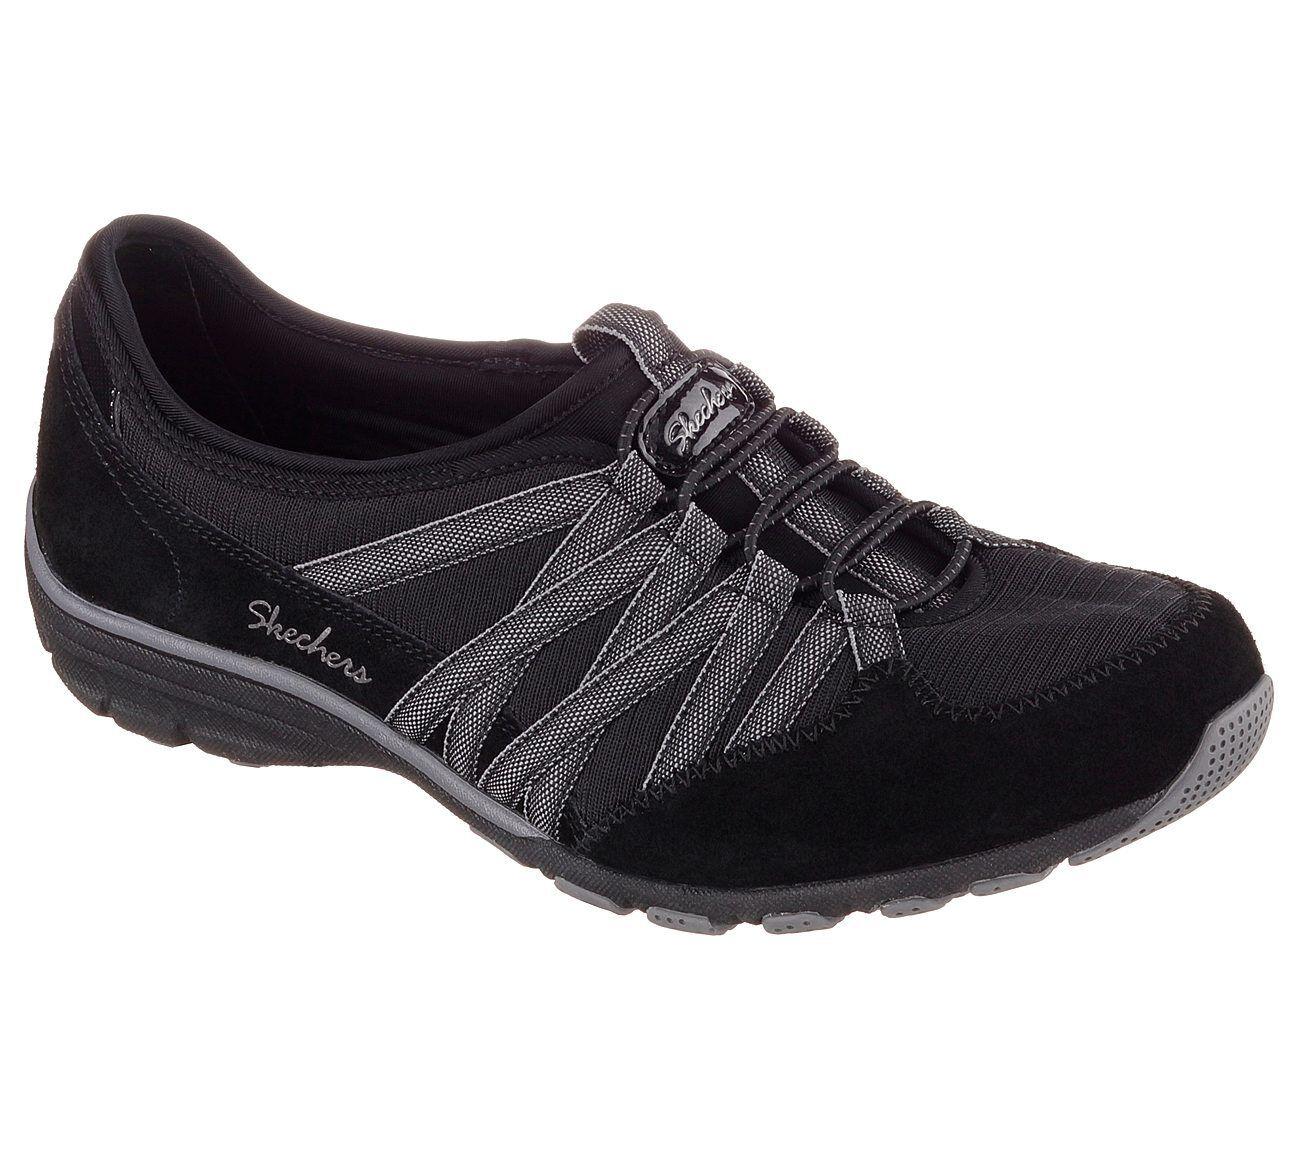 Skechers Zapatos-conversaciones holding holding holding Ases - 22551 bkcc  Los mejores precios y los estilos más frescos.